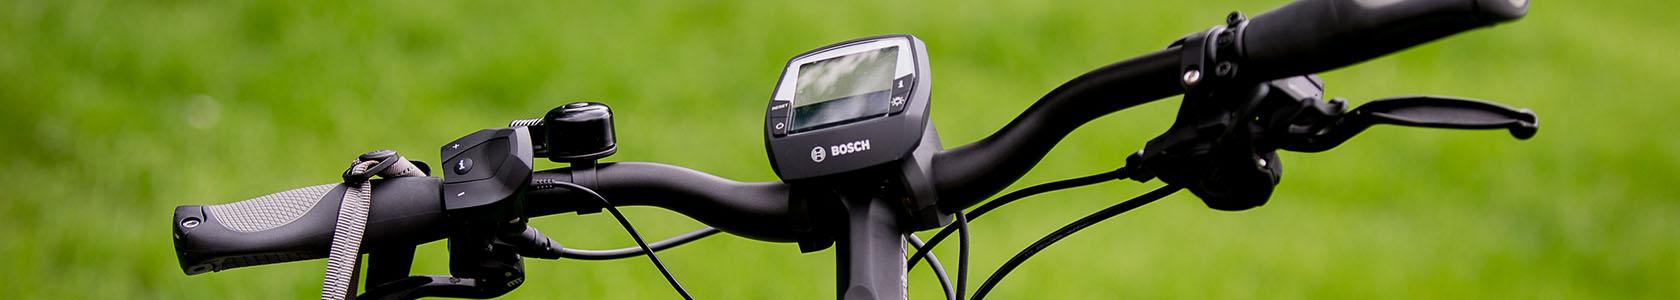 Our Bikes   e-stralian